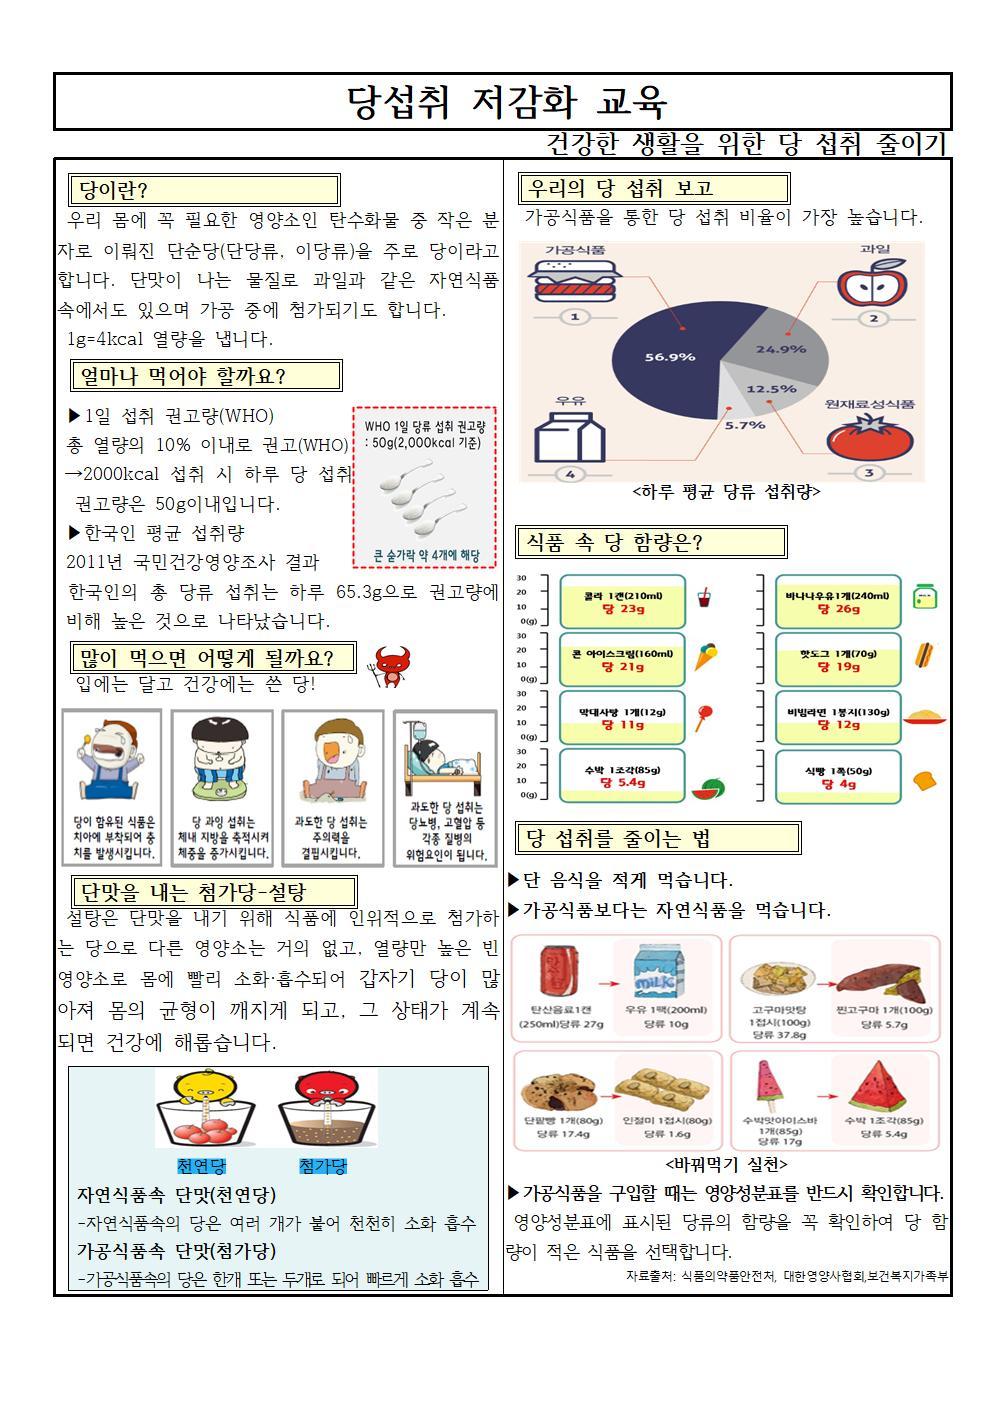 당섭취 저감화 교육001